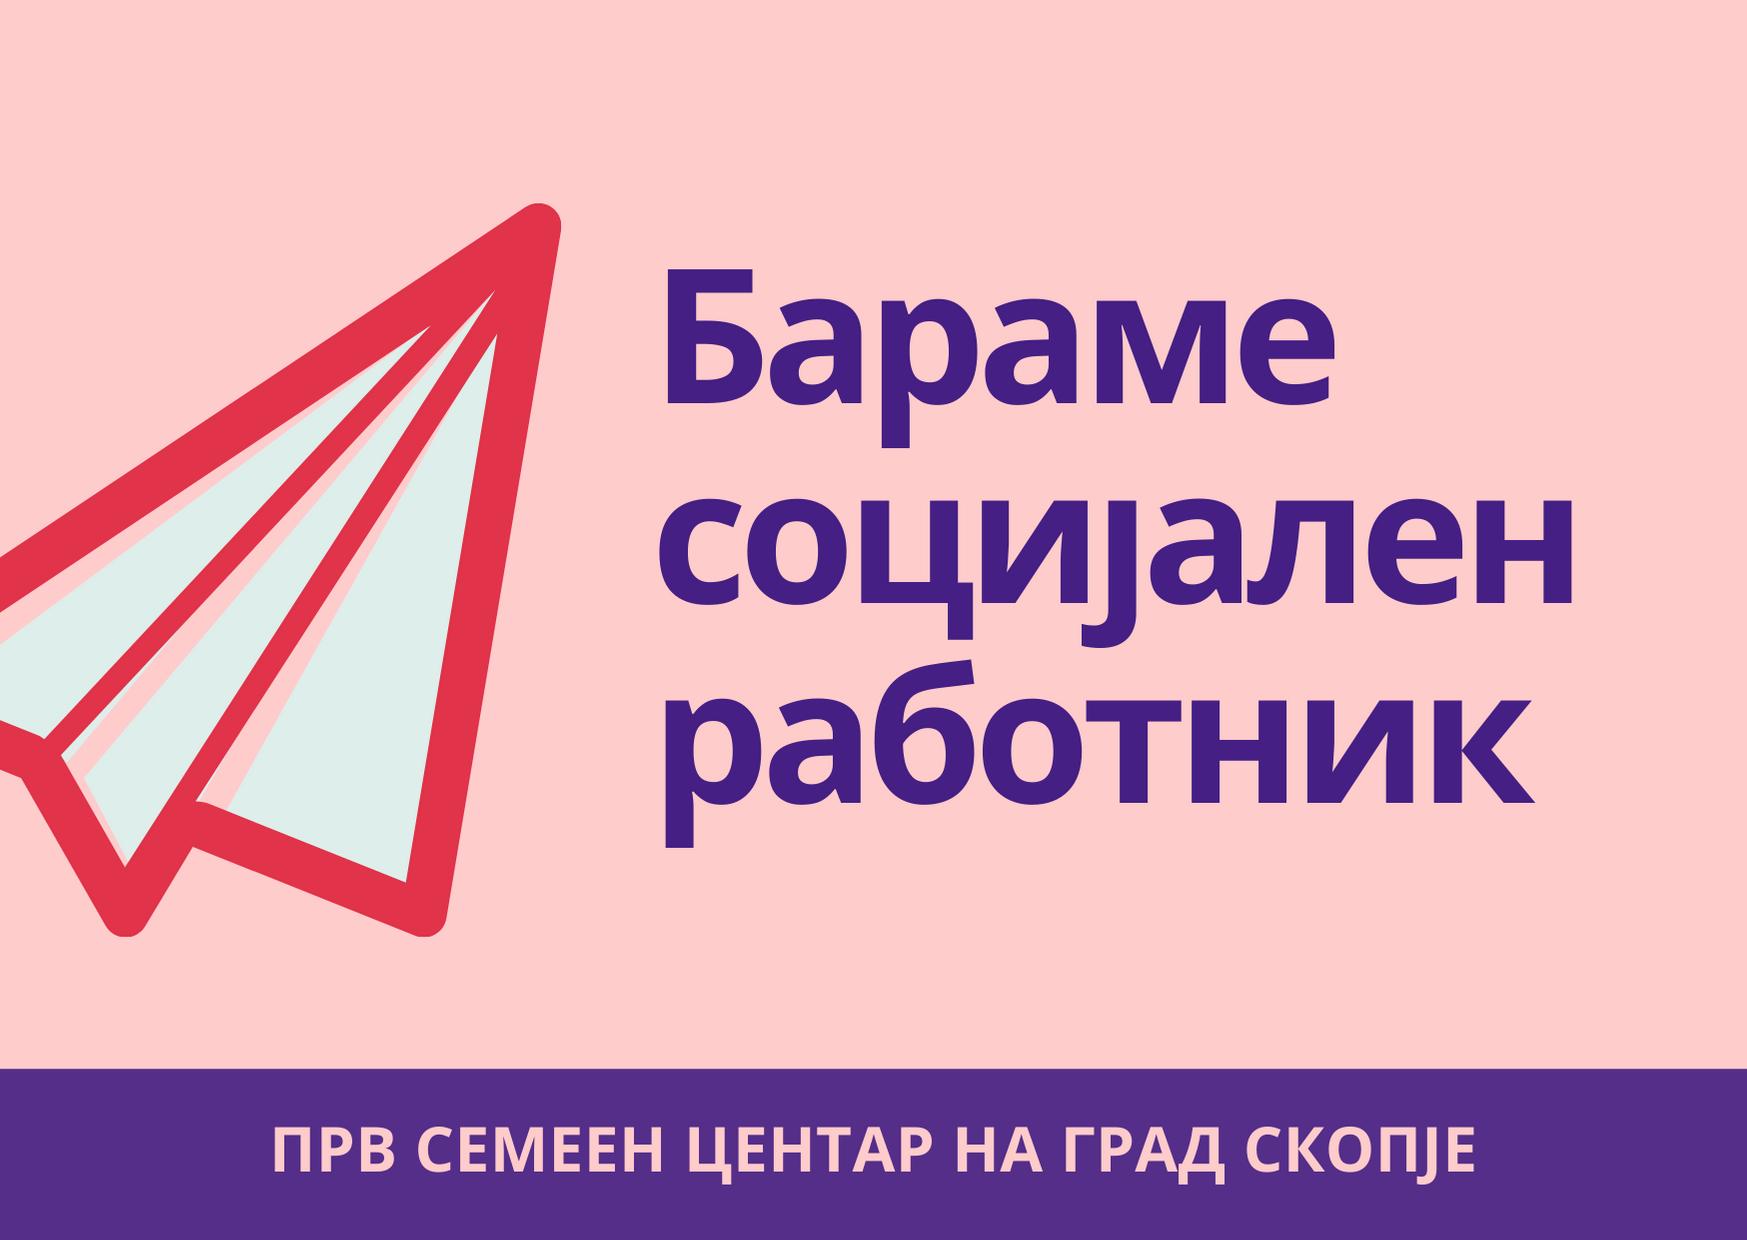 (Македонски) Оглас за вработување на социјален работник во Првиот семеен центар на Град Скопје